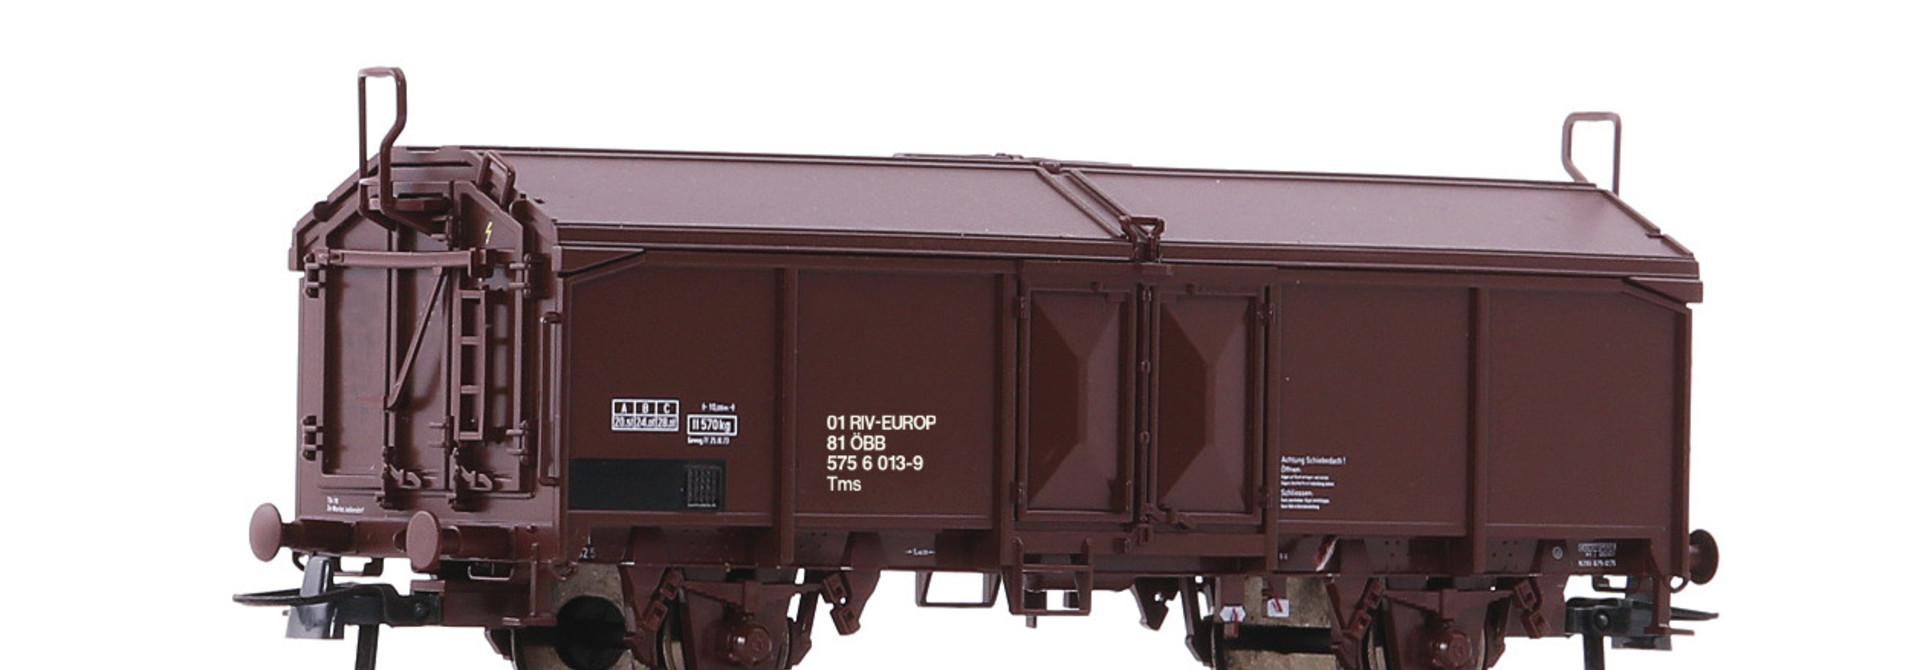 66178 3er Set Schiebd. Wag. ÖBB